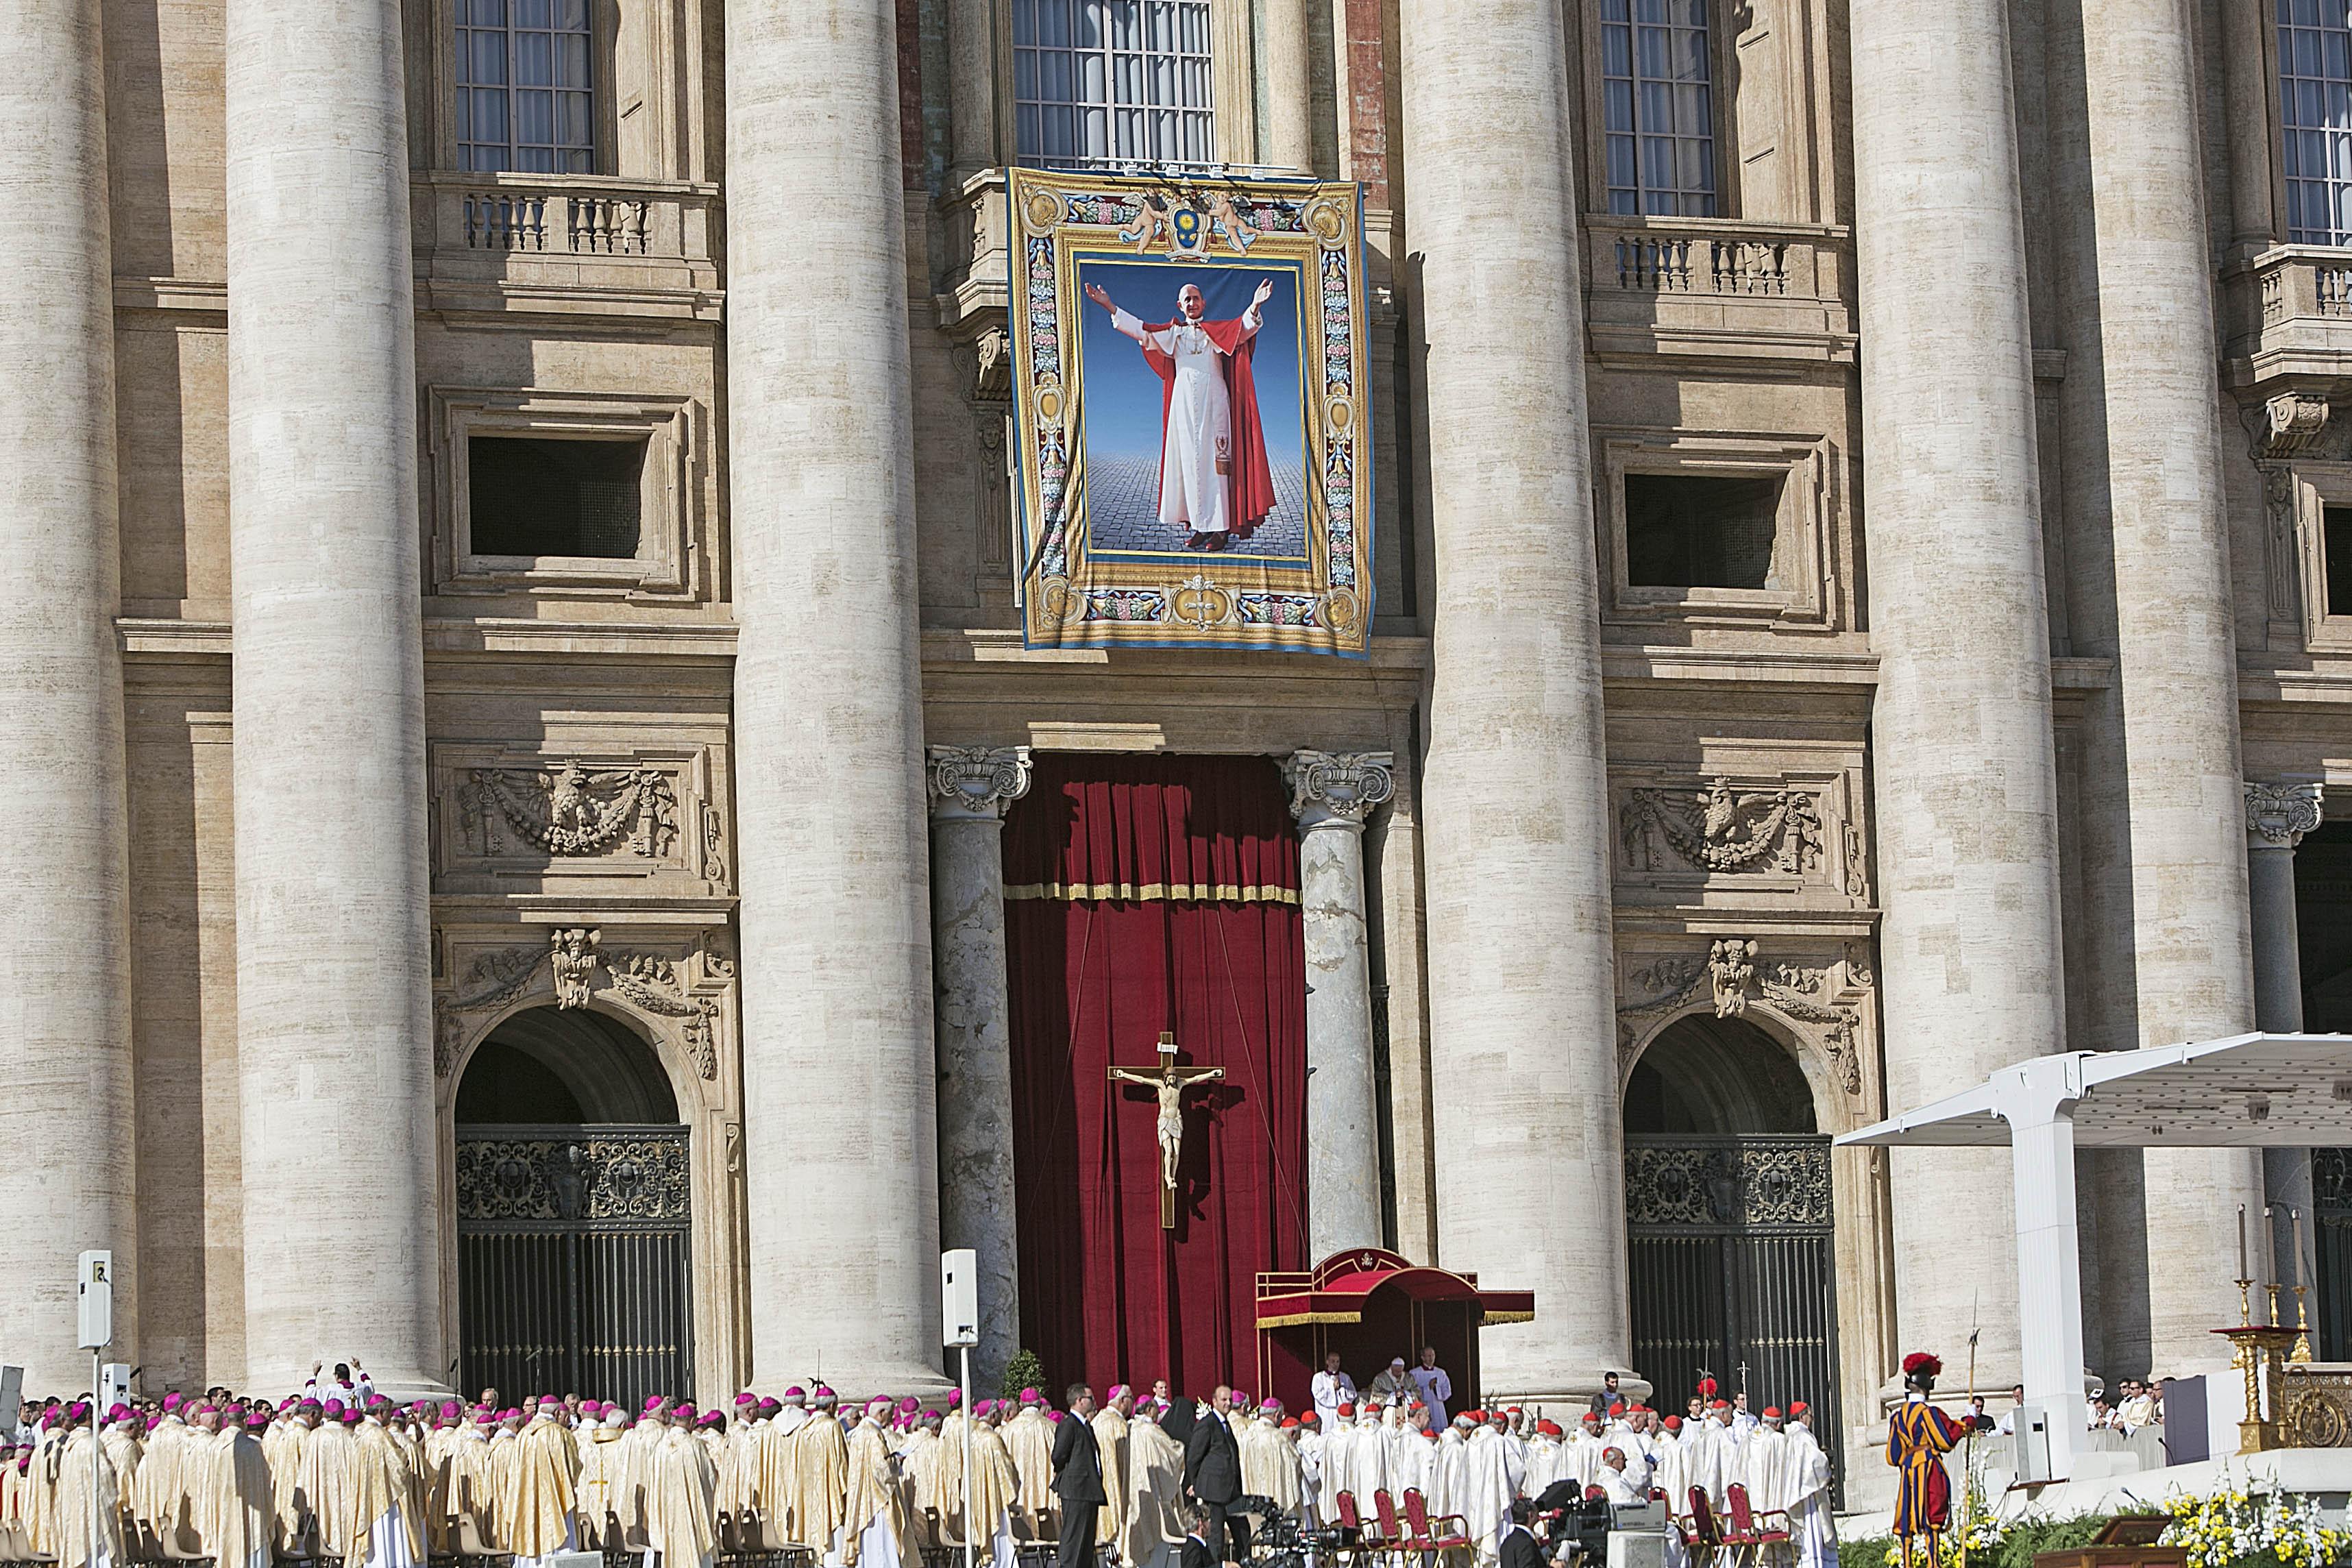 Messa-per-la-conclusione-del-Sinodo-straordinario-sulla-famiglia-e-beatificazione-di-Paolo-VI-04